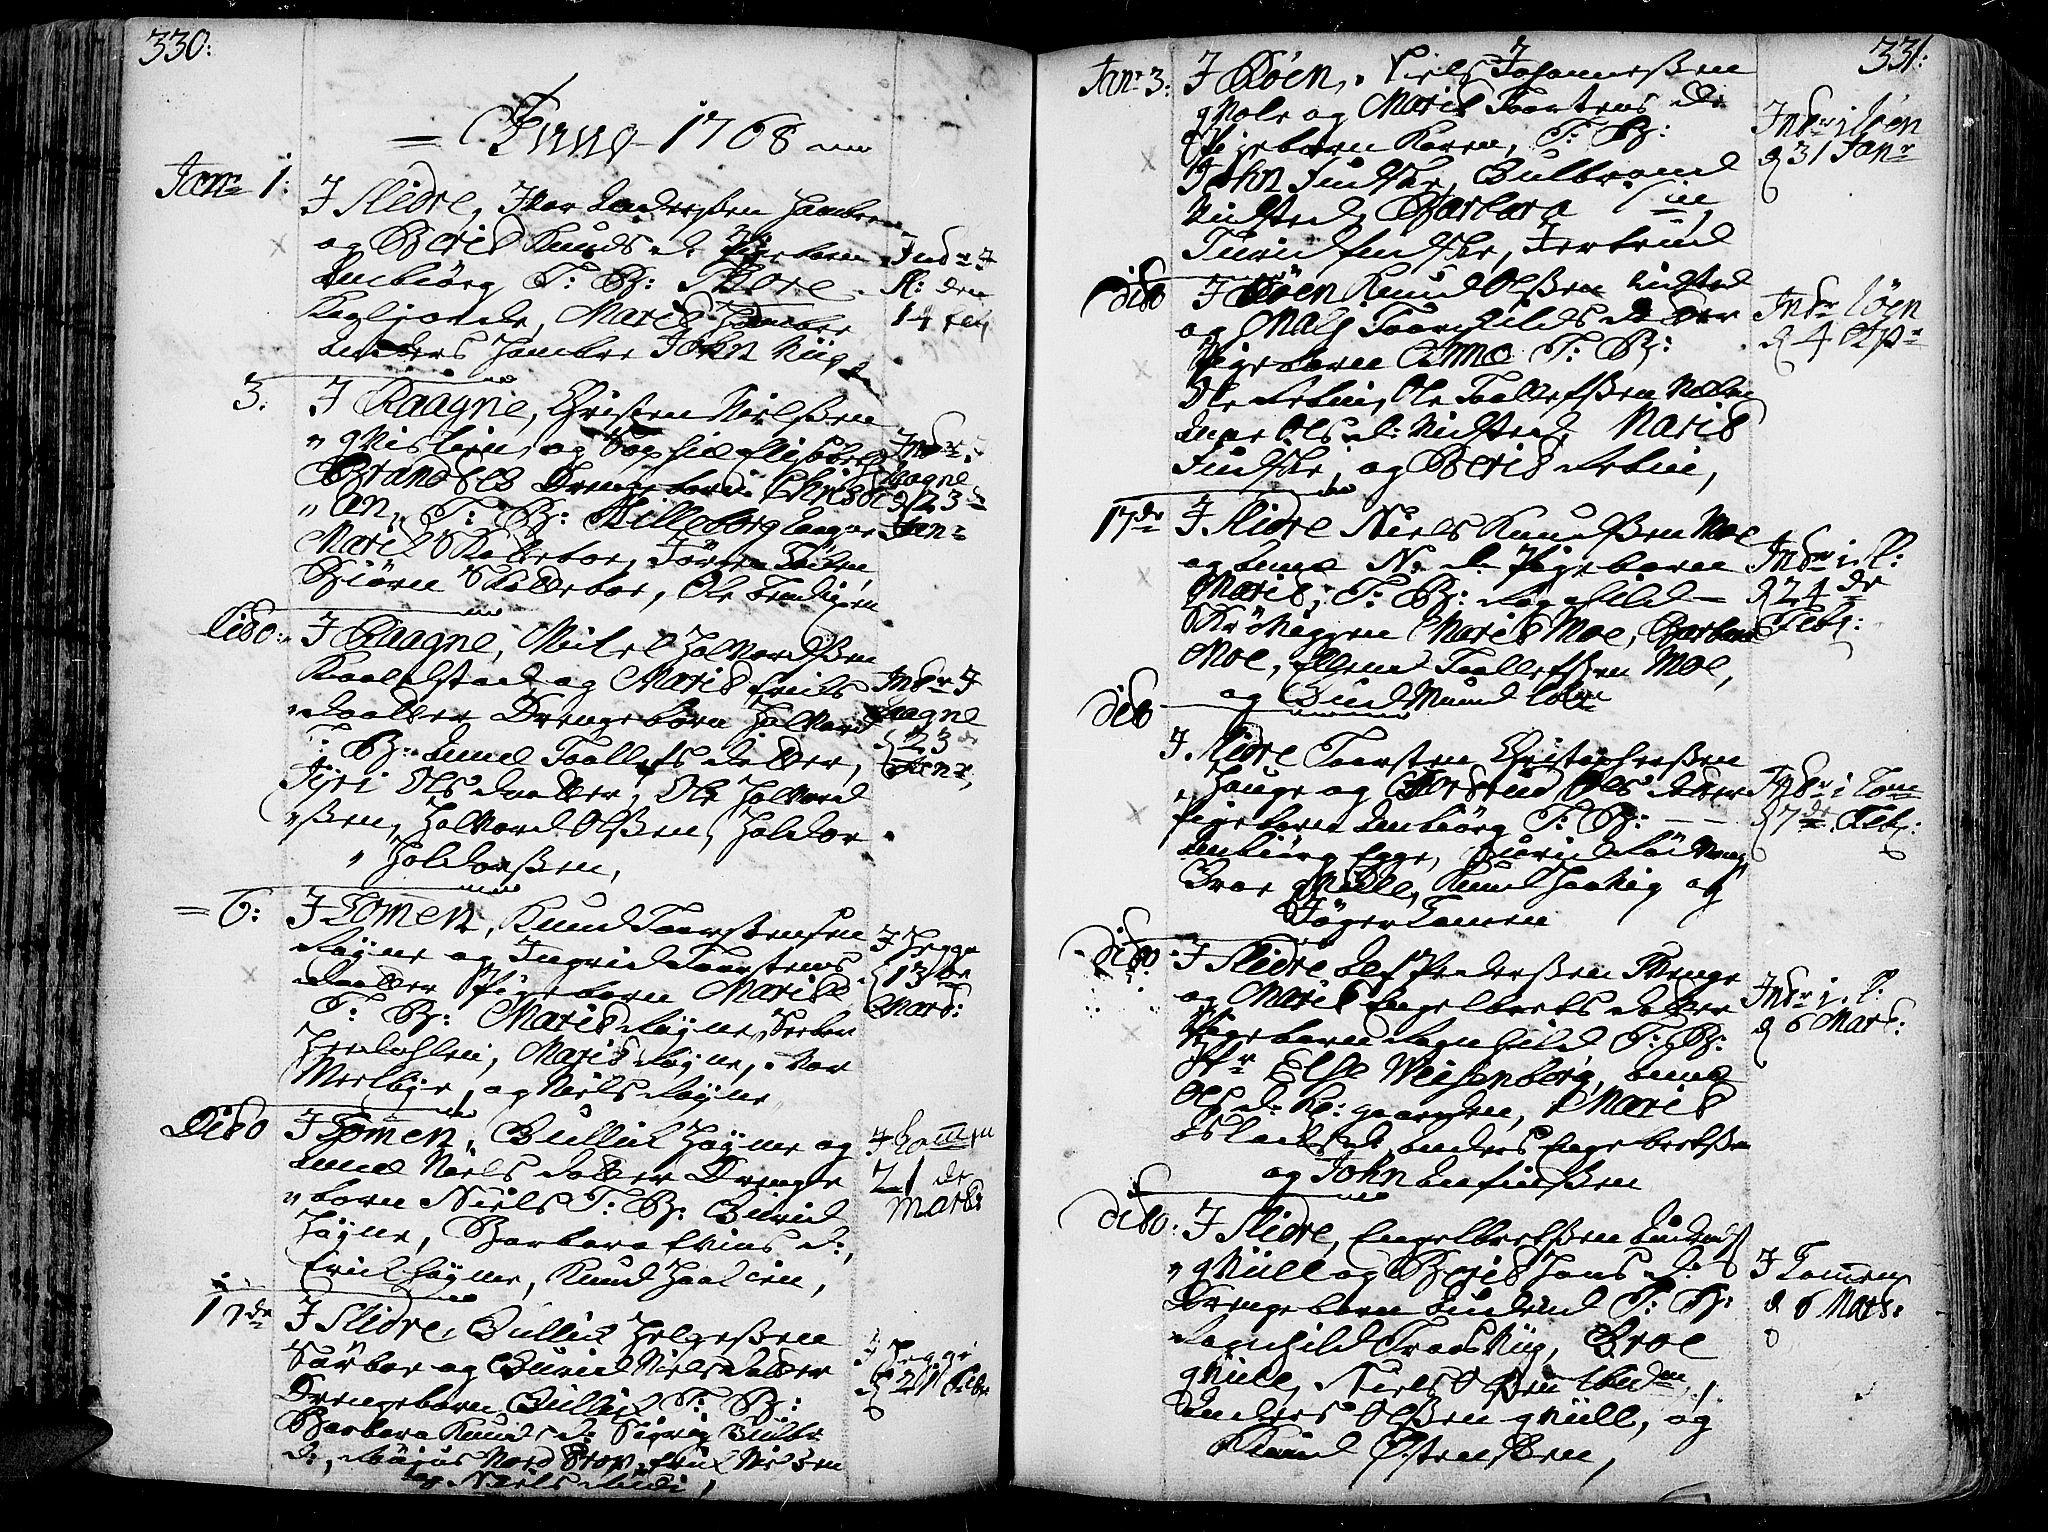 SAH, Slidre prestekontor, Ministerialbok nr. 1, 1724-1814, s. 330-331